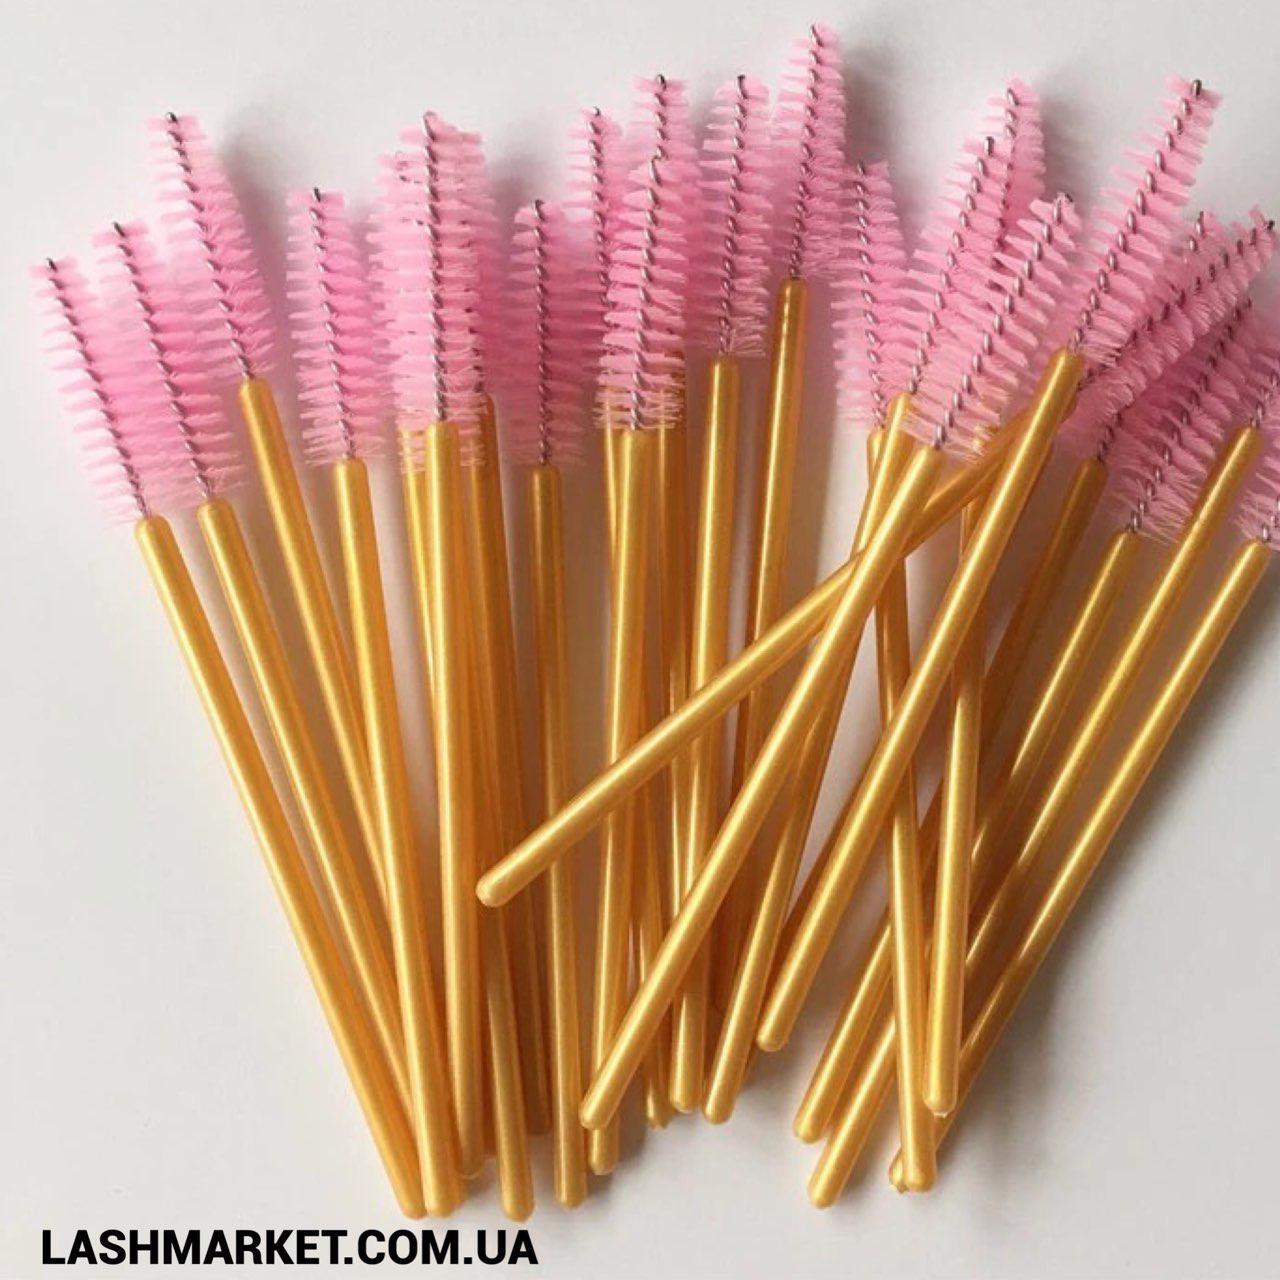 Щеточки для расчесывания ресниц и бровей, нежно розовая на золотой ножке, 10 шт